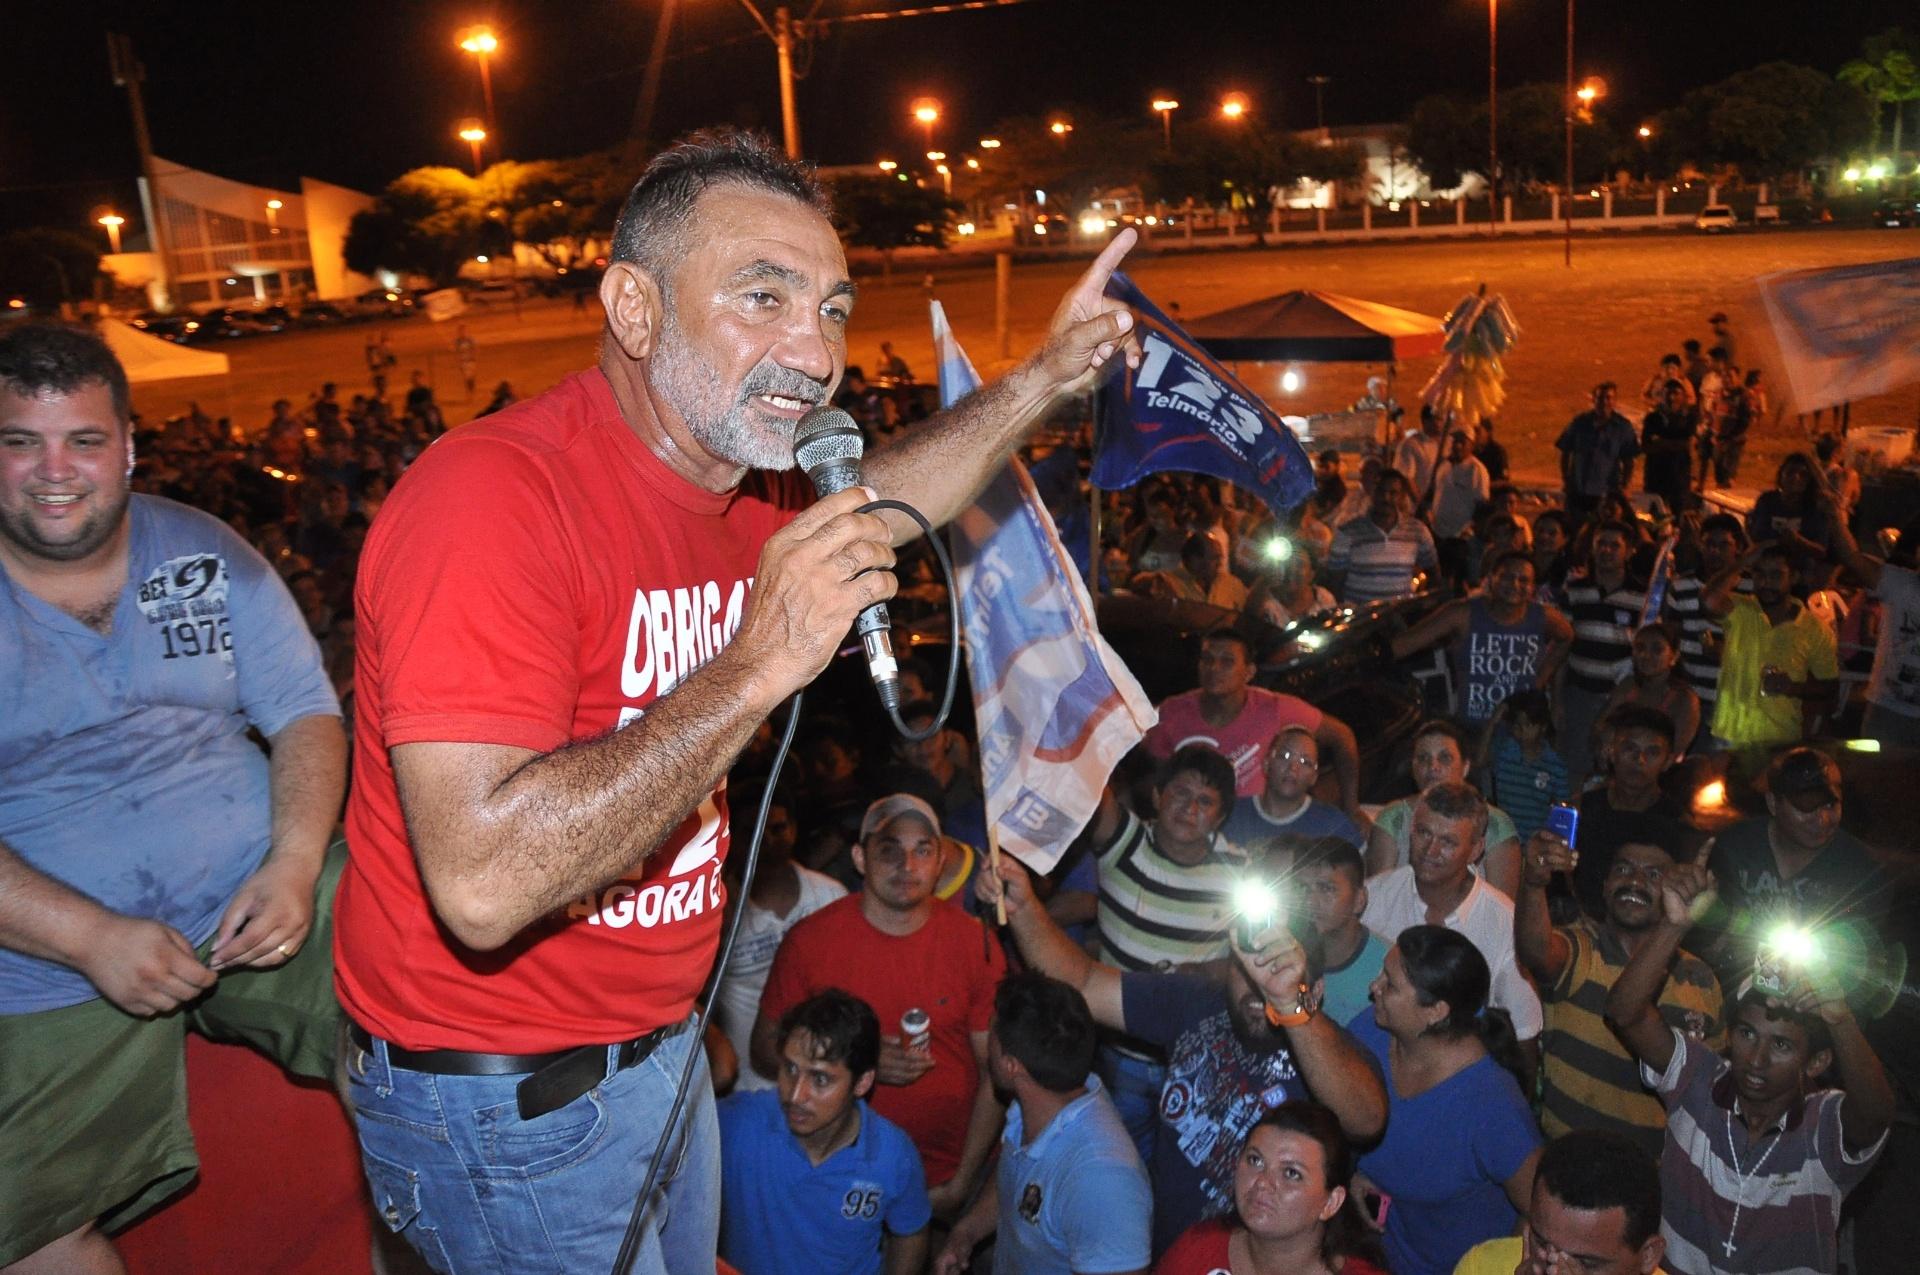 5.out.2014 - O candidato Telmário Mota (PDT), ex-vereador de Boa Vista, comemora sua eleição ao Senado por Roraima. Mota tinha o apoio da candidata ao governo do Estado Ana Portela (PT). O pedetista obteve 41,24% dos votos válidos, contra 21,33% de Luciano Castro (PR) e 20,56% de José de Anchieta Júnior (PSDB)